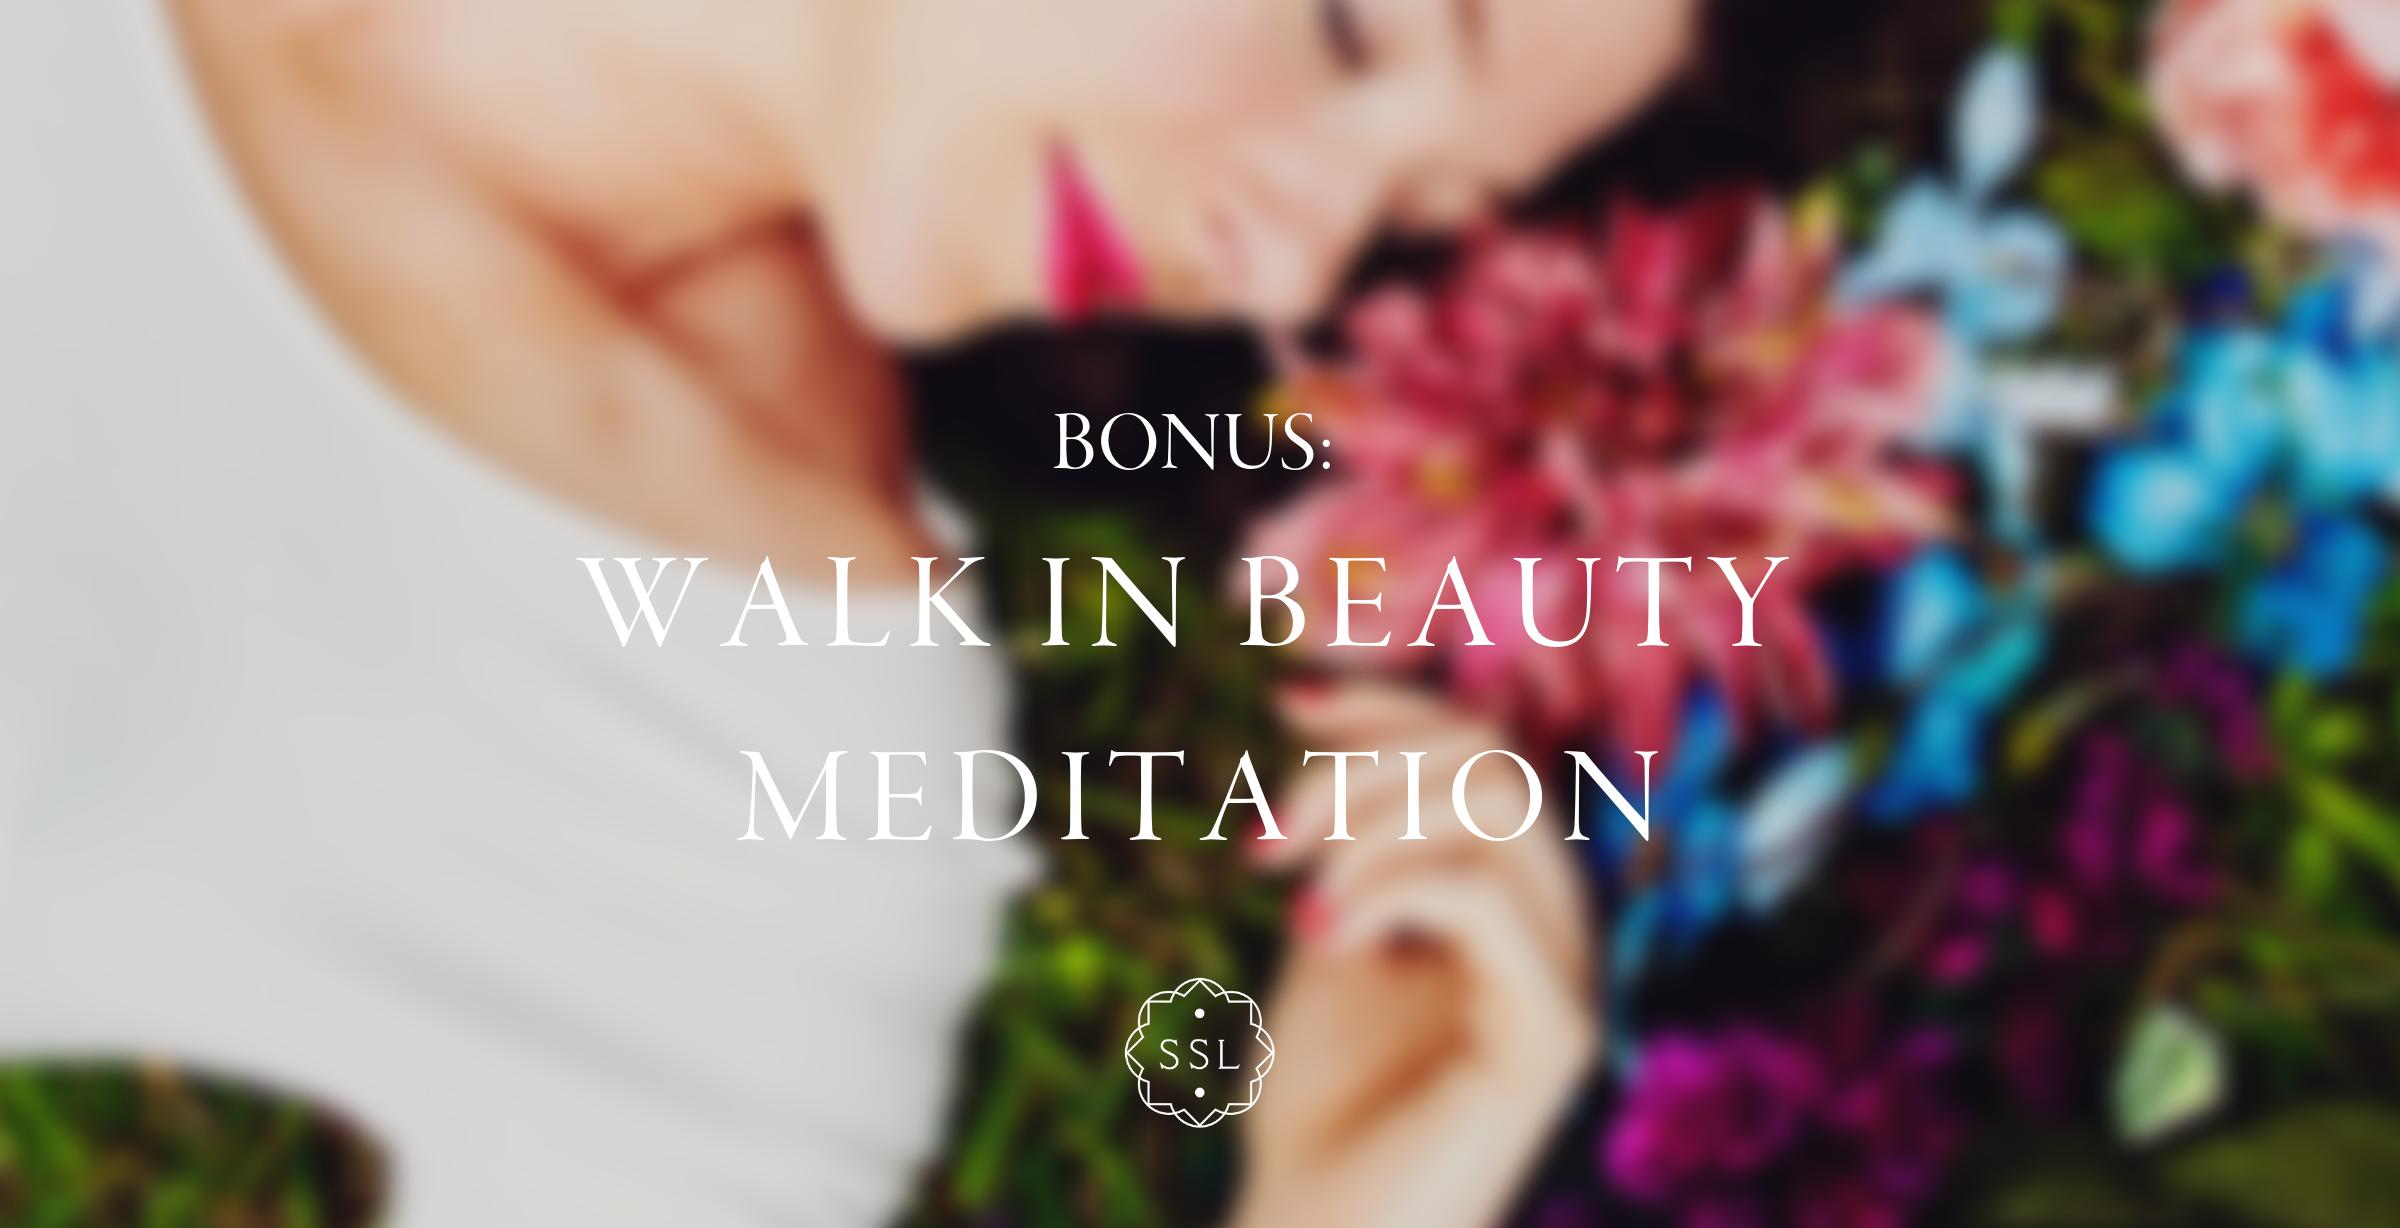 Walk in Beauty Meditation.png